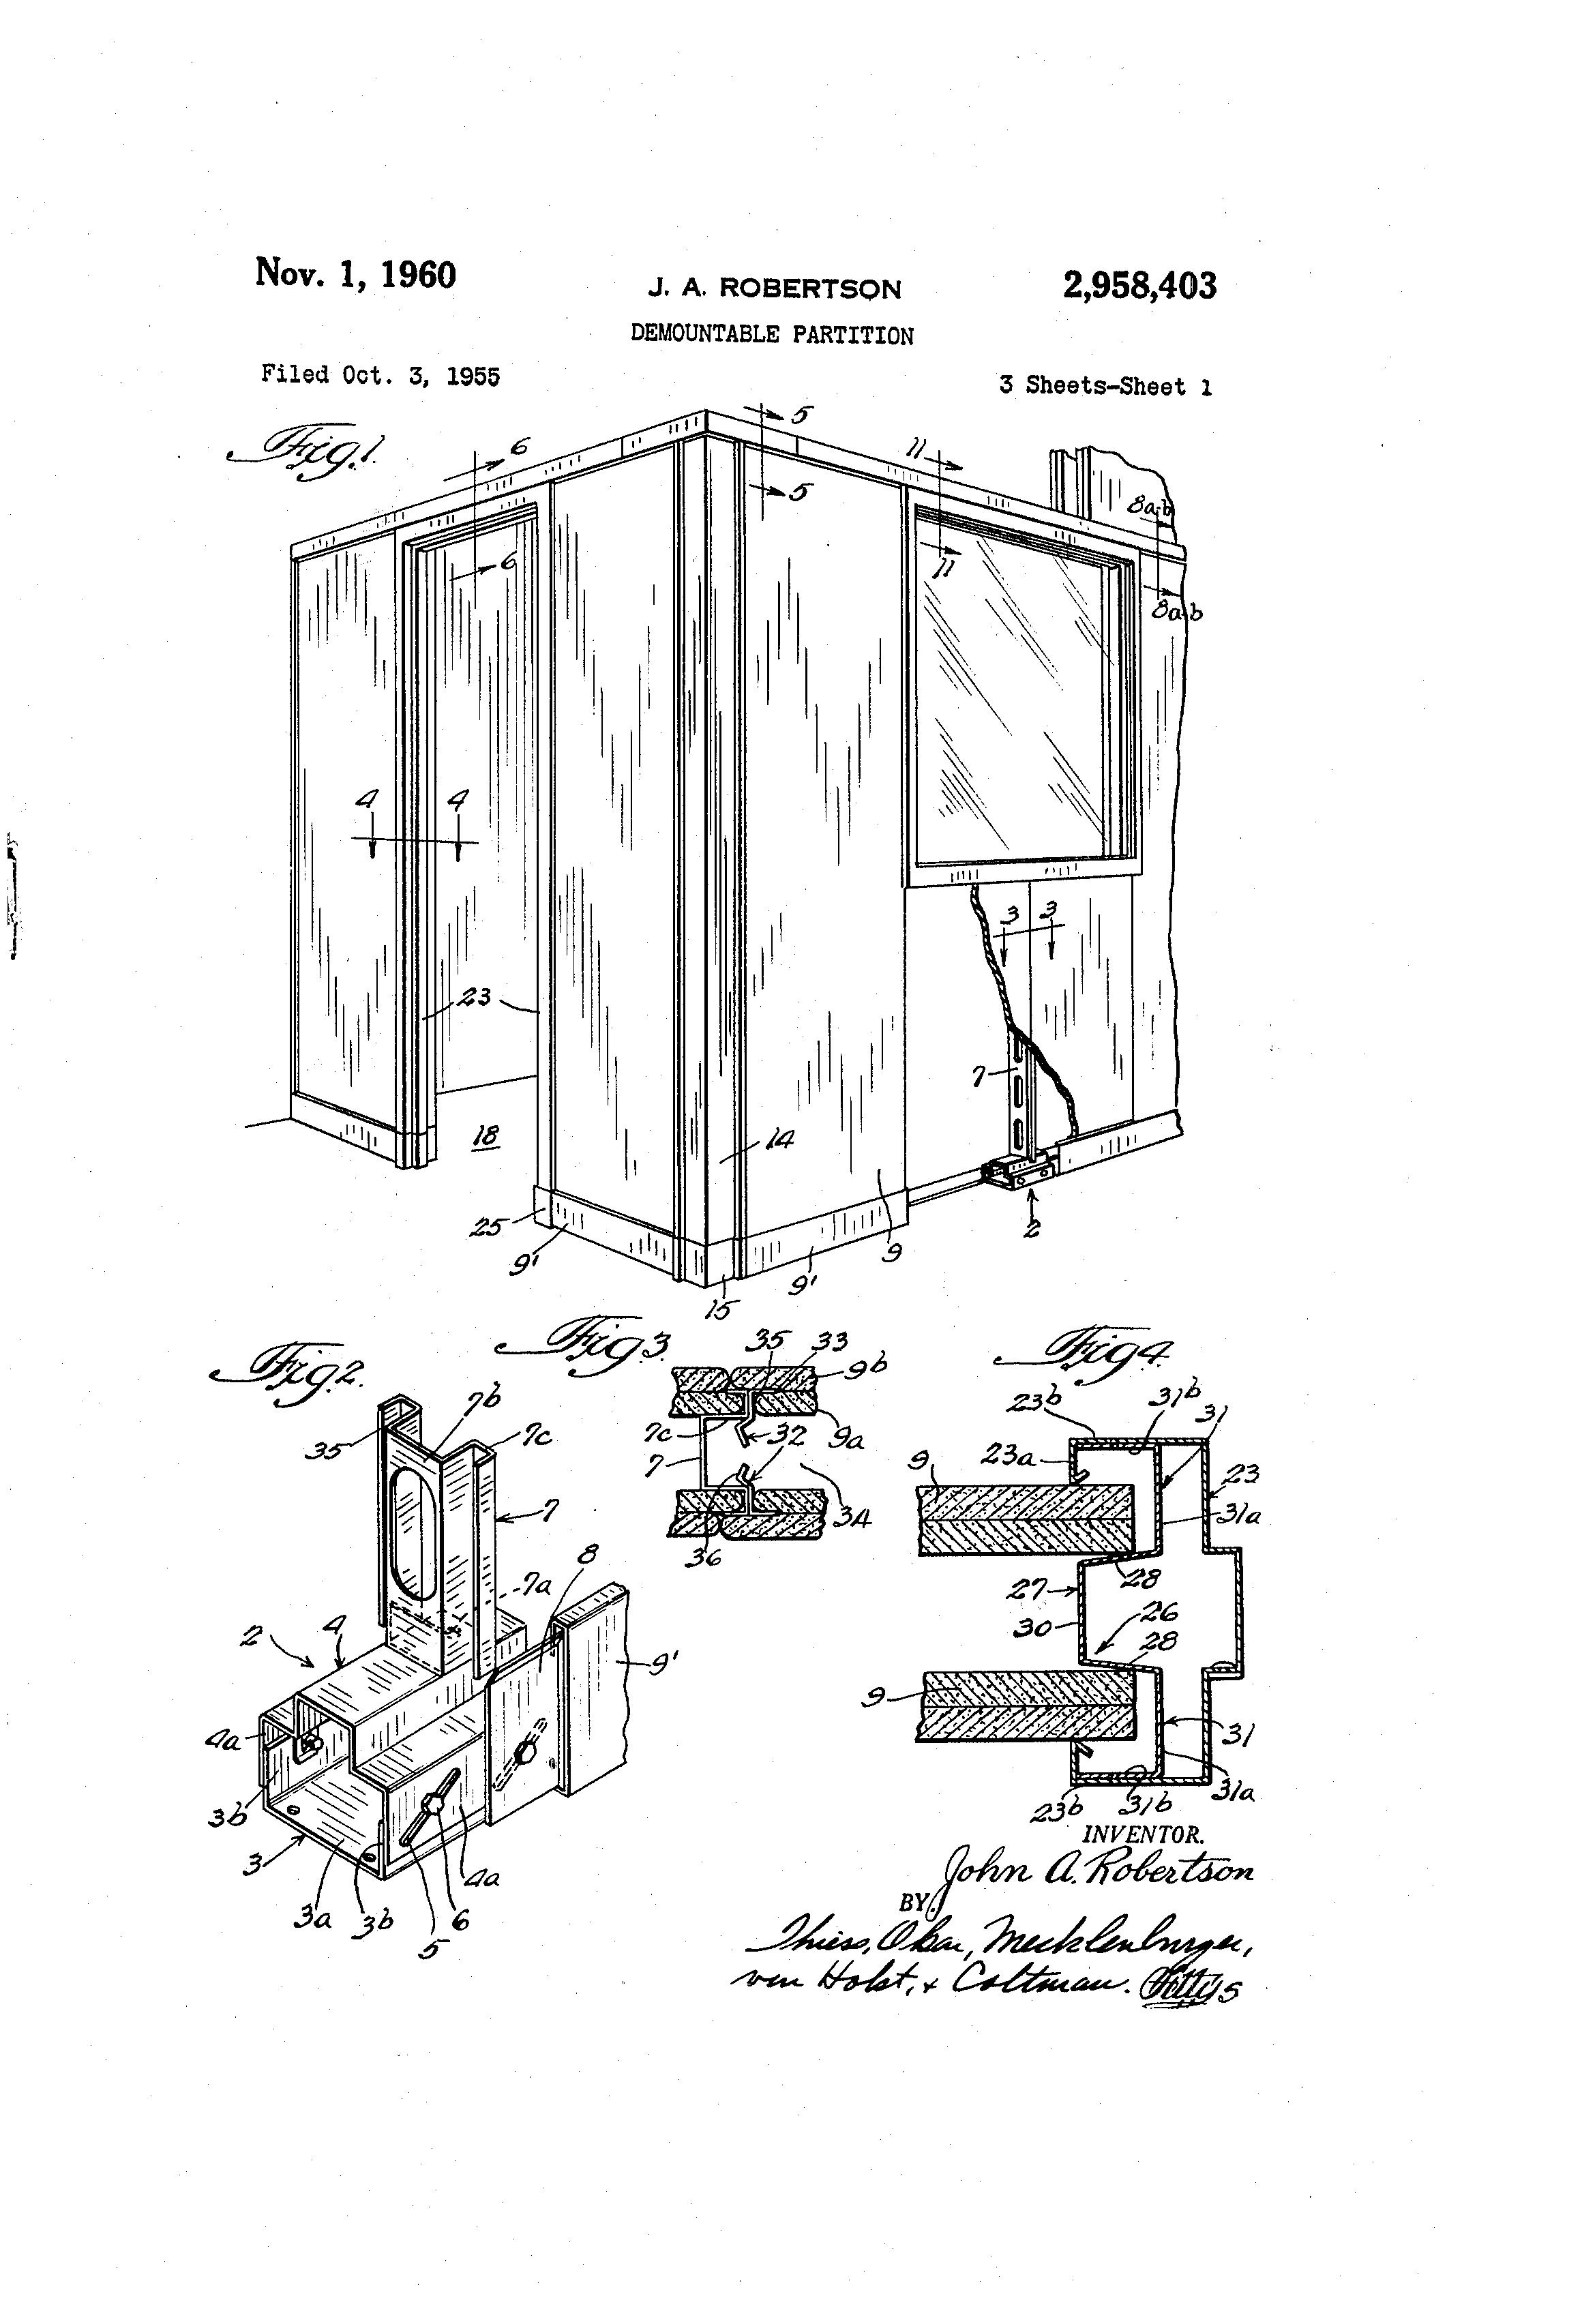 Demountable Partition Detail : Patent us demountable partition google patents